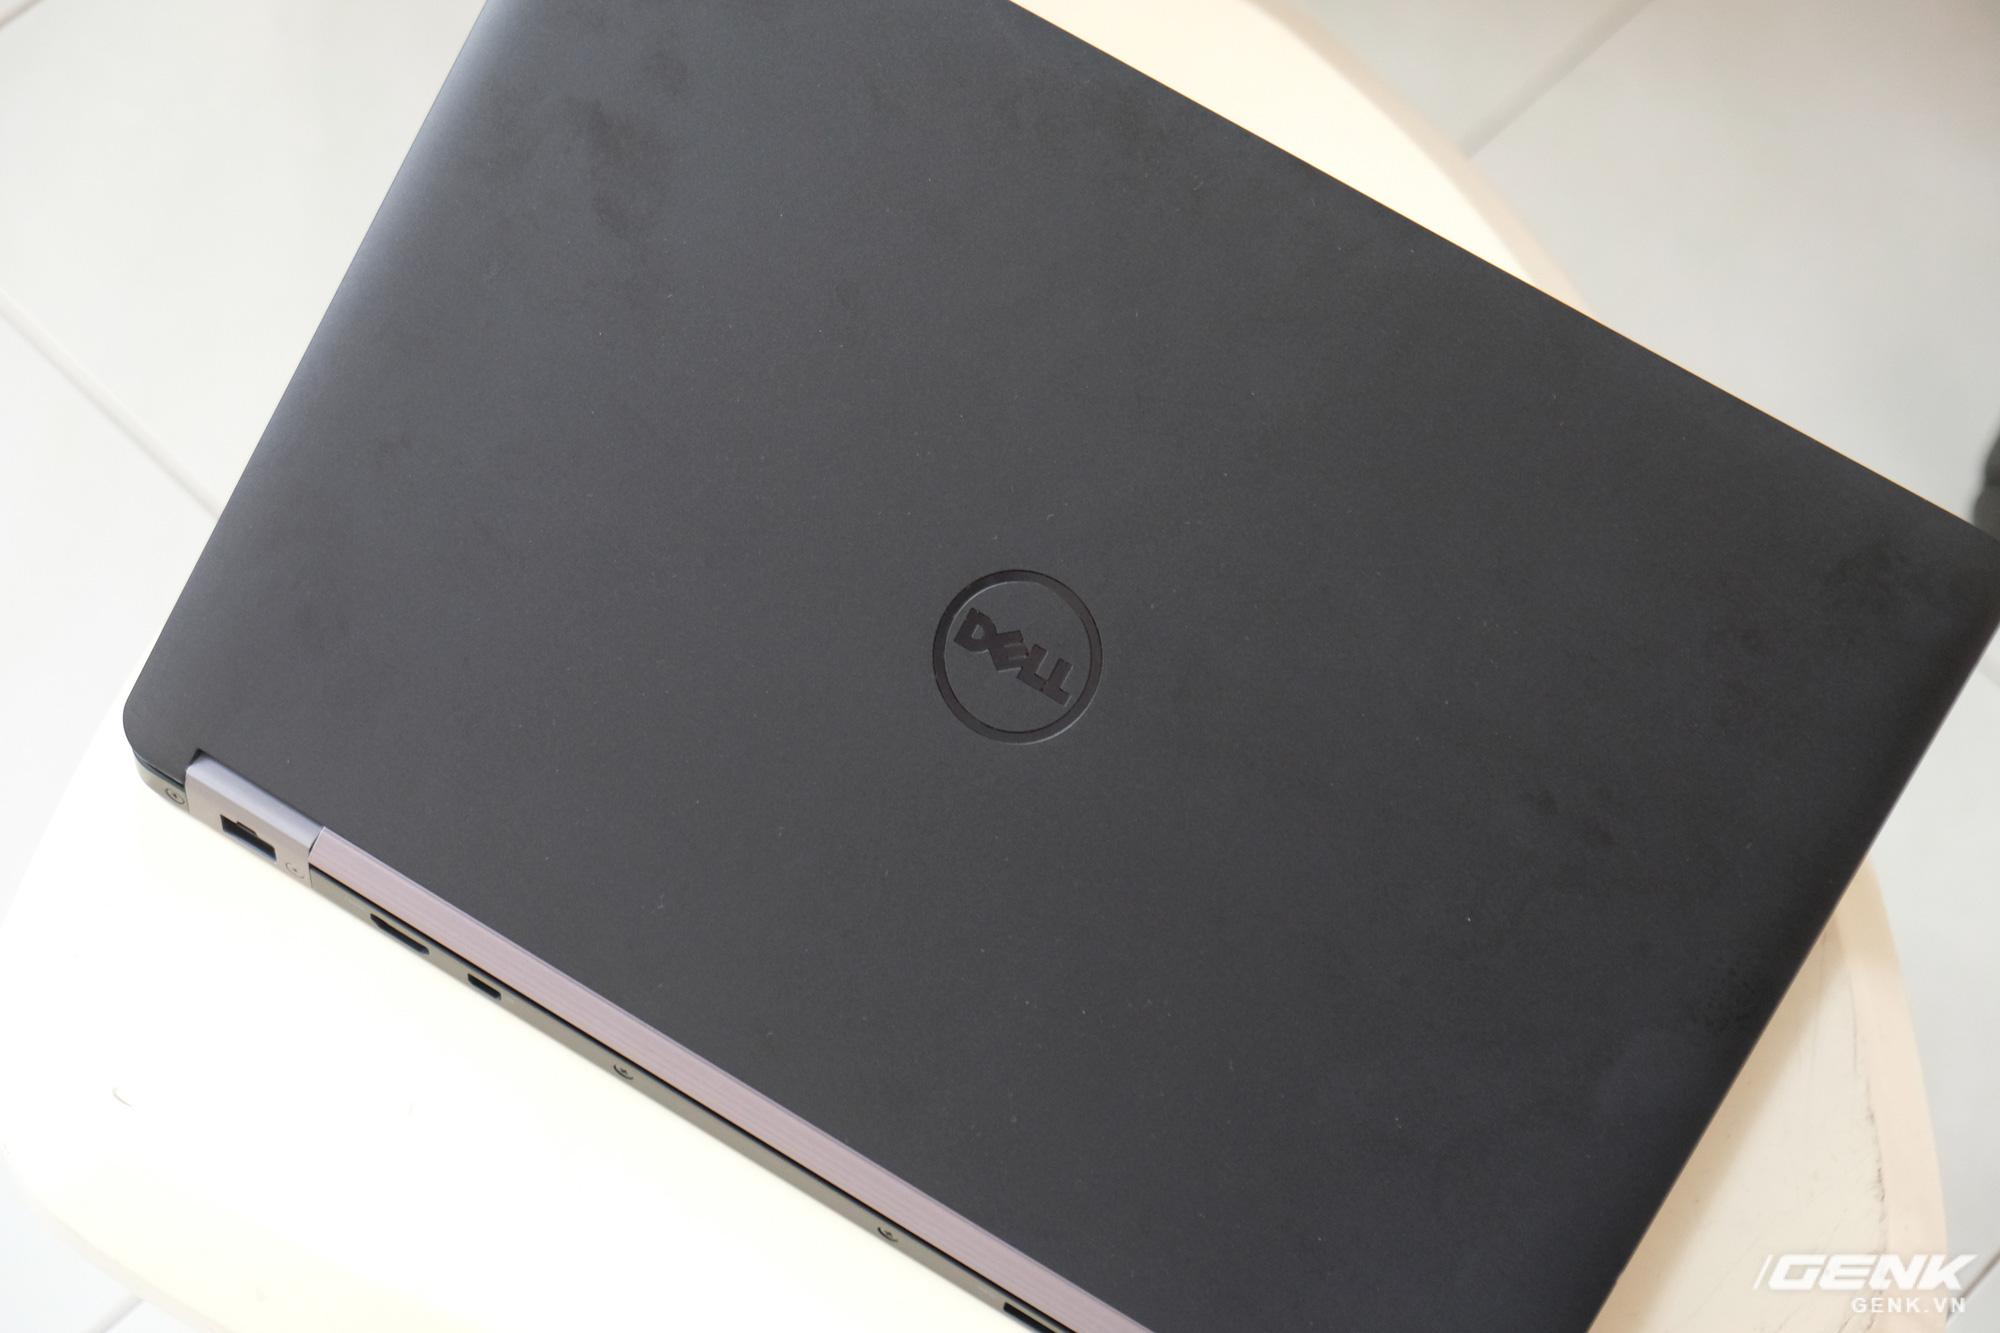 Mua laptop doanh nhân cũ để work from home, tôi đã nhận được gì? - Ảnh 2.